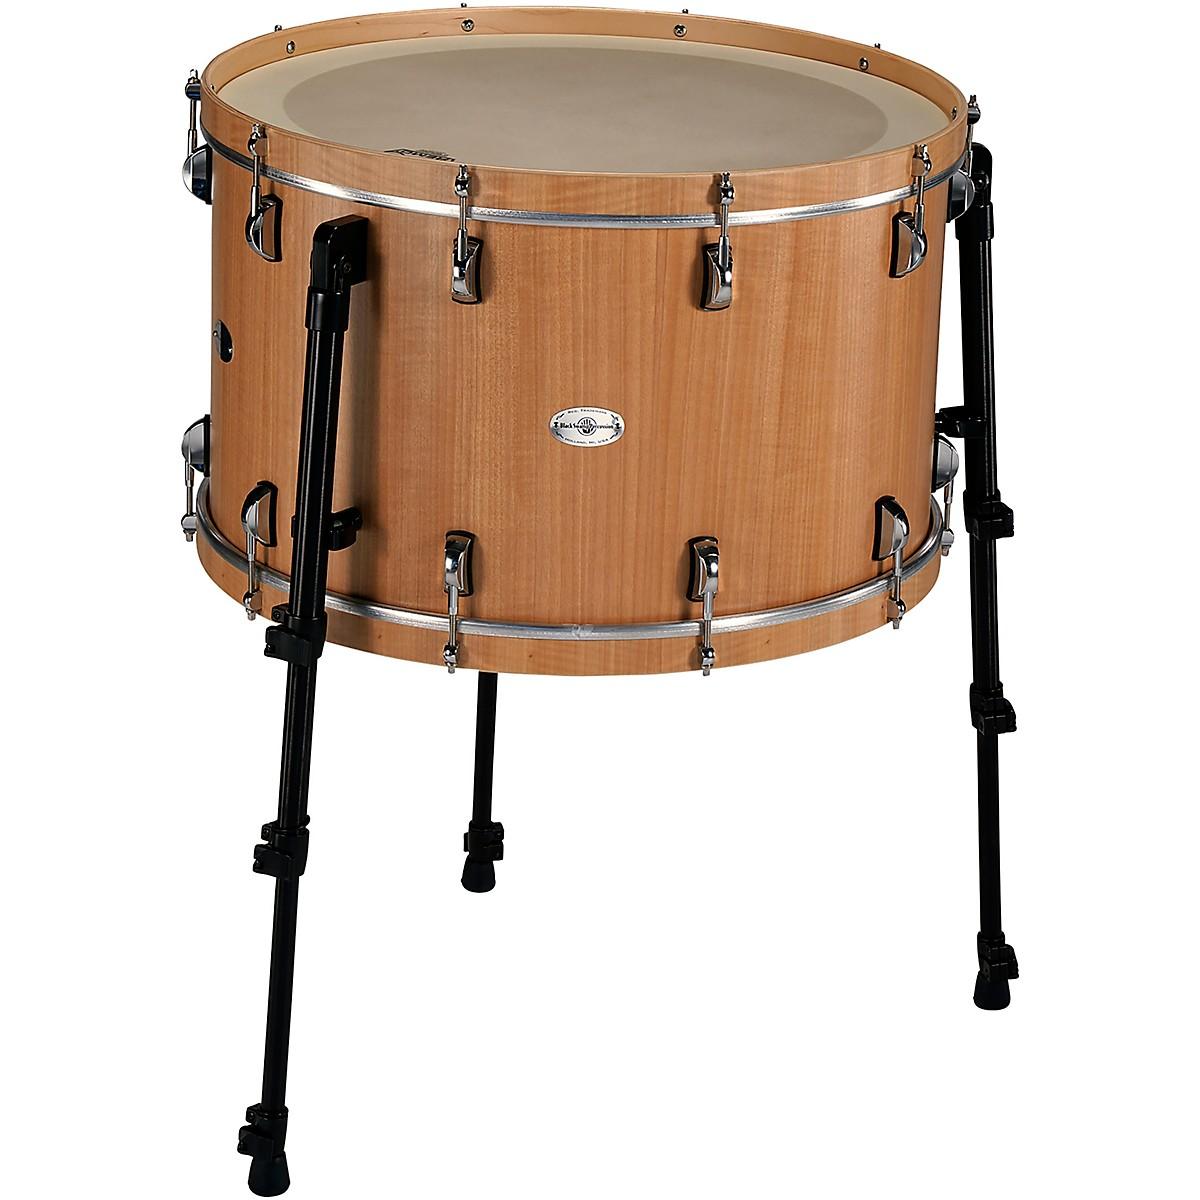 Black Swamp Percussion Multi-Bass Drum in Figured Anigre Veneer